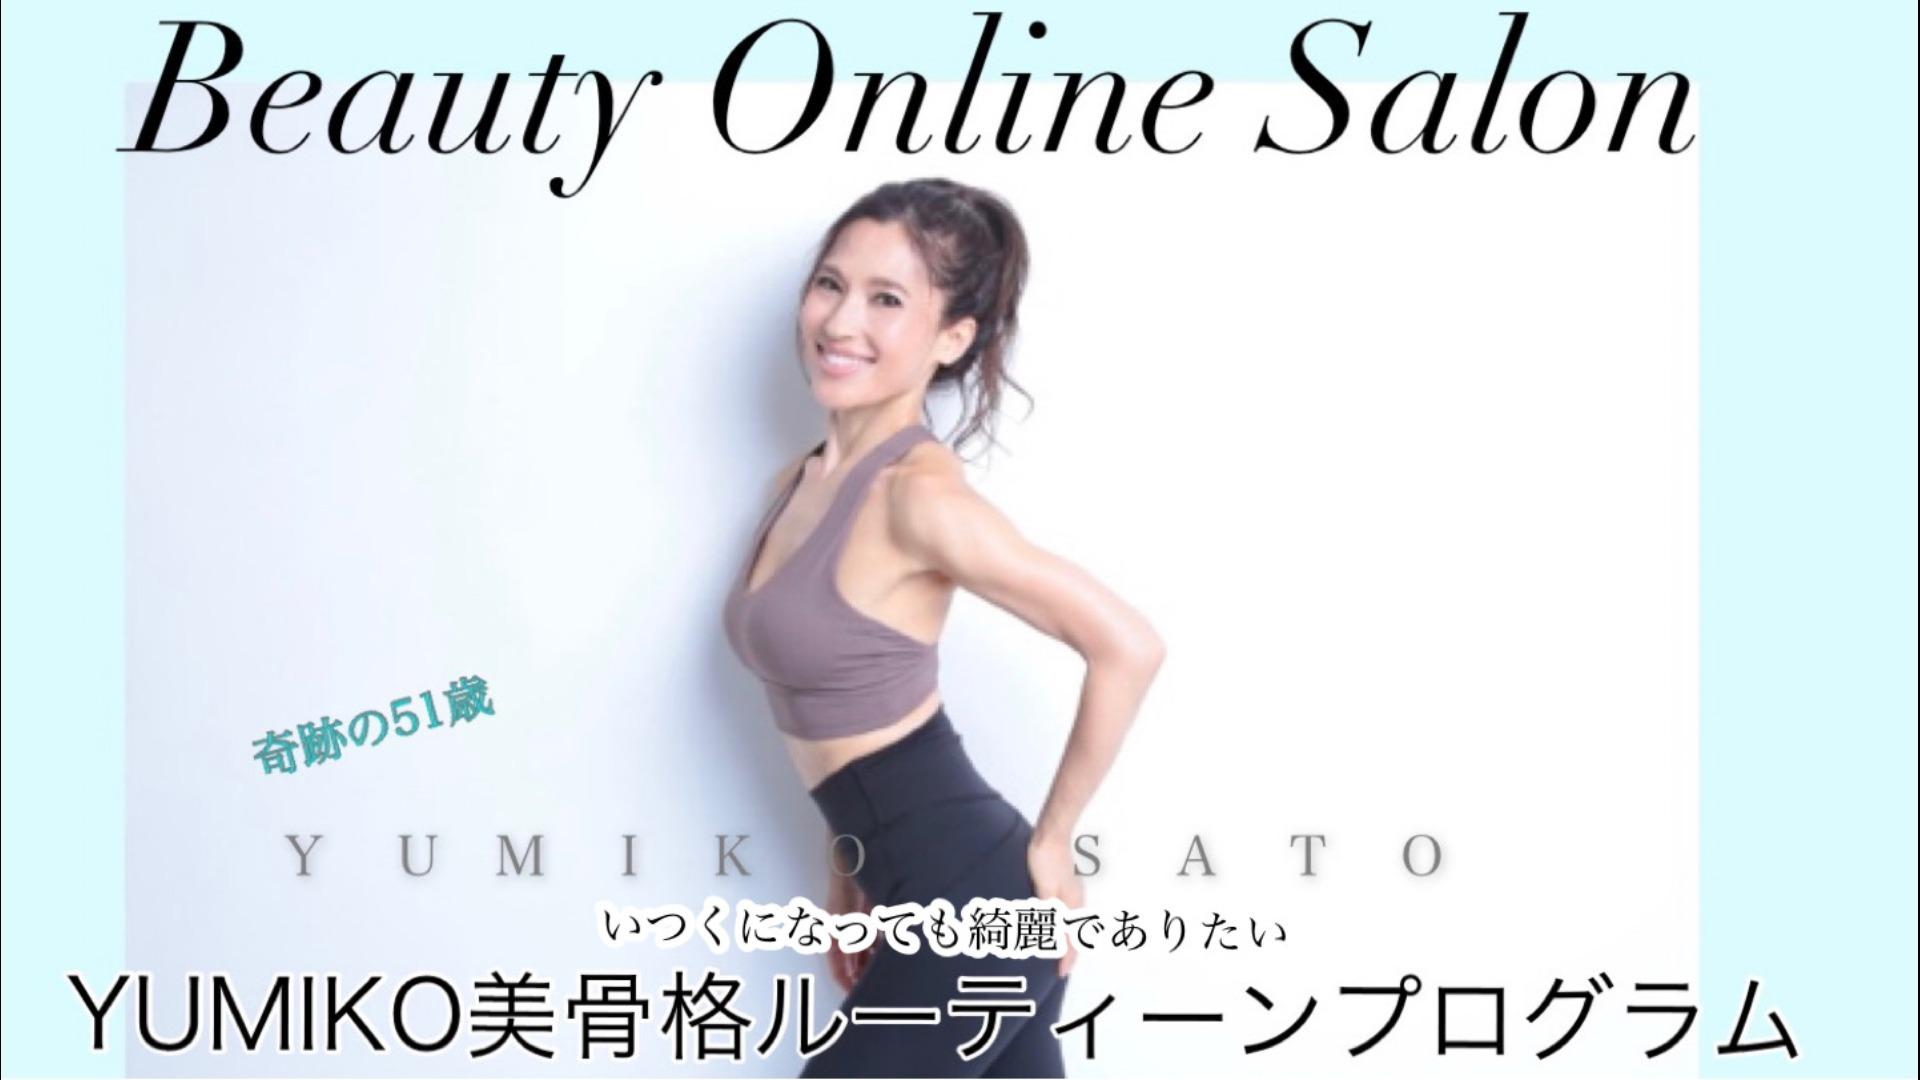 YUMIKO美骨格ルーティーンプログラム